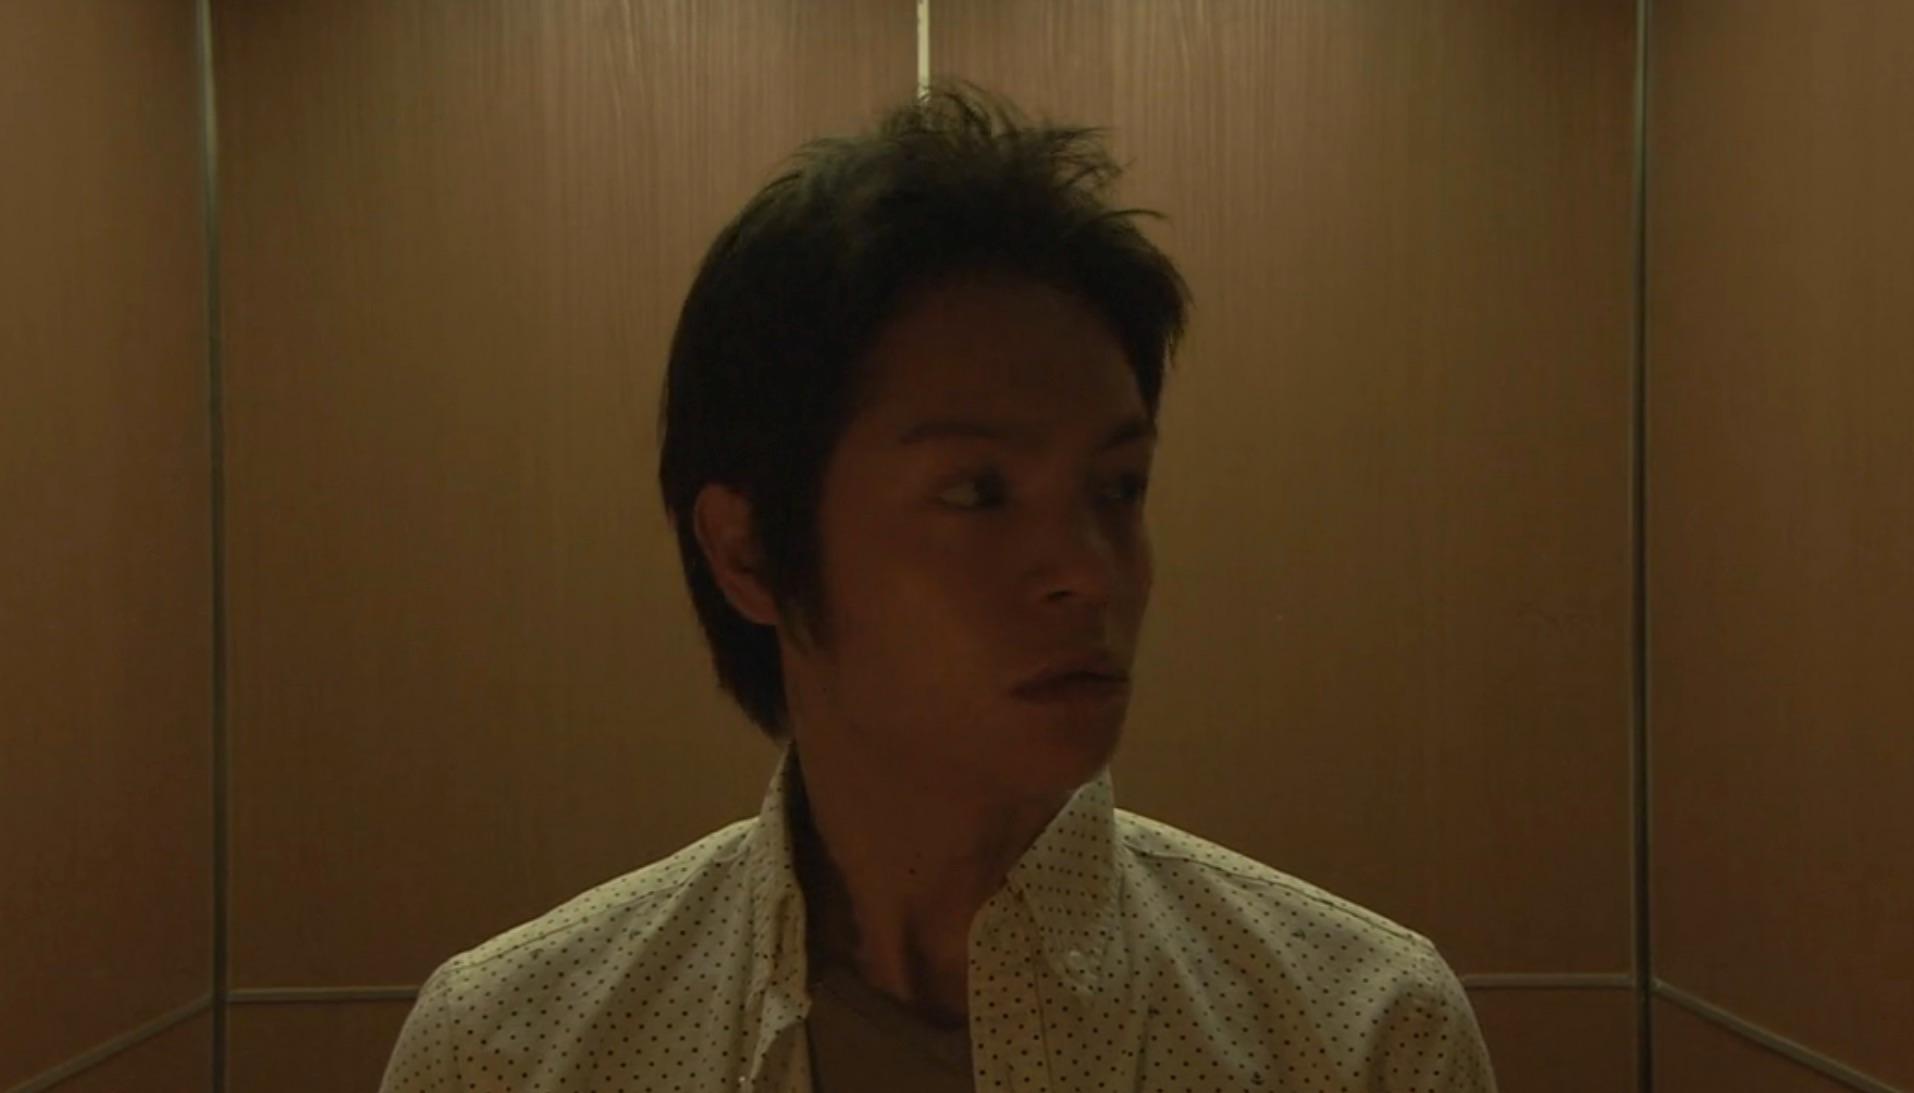 【ネタバレ】人気俳優の窪田正孝さんが出演している走馬灯株式会社の第一話が怖かった